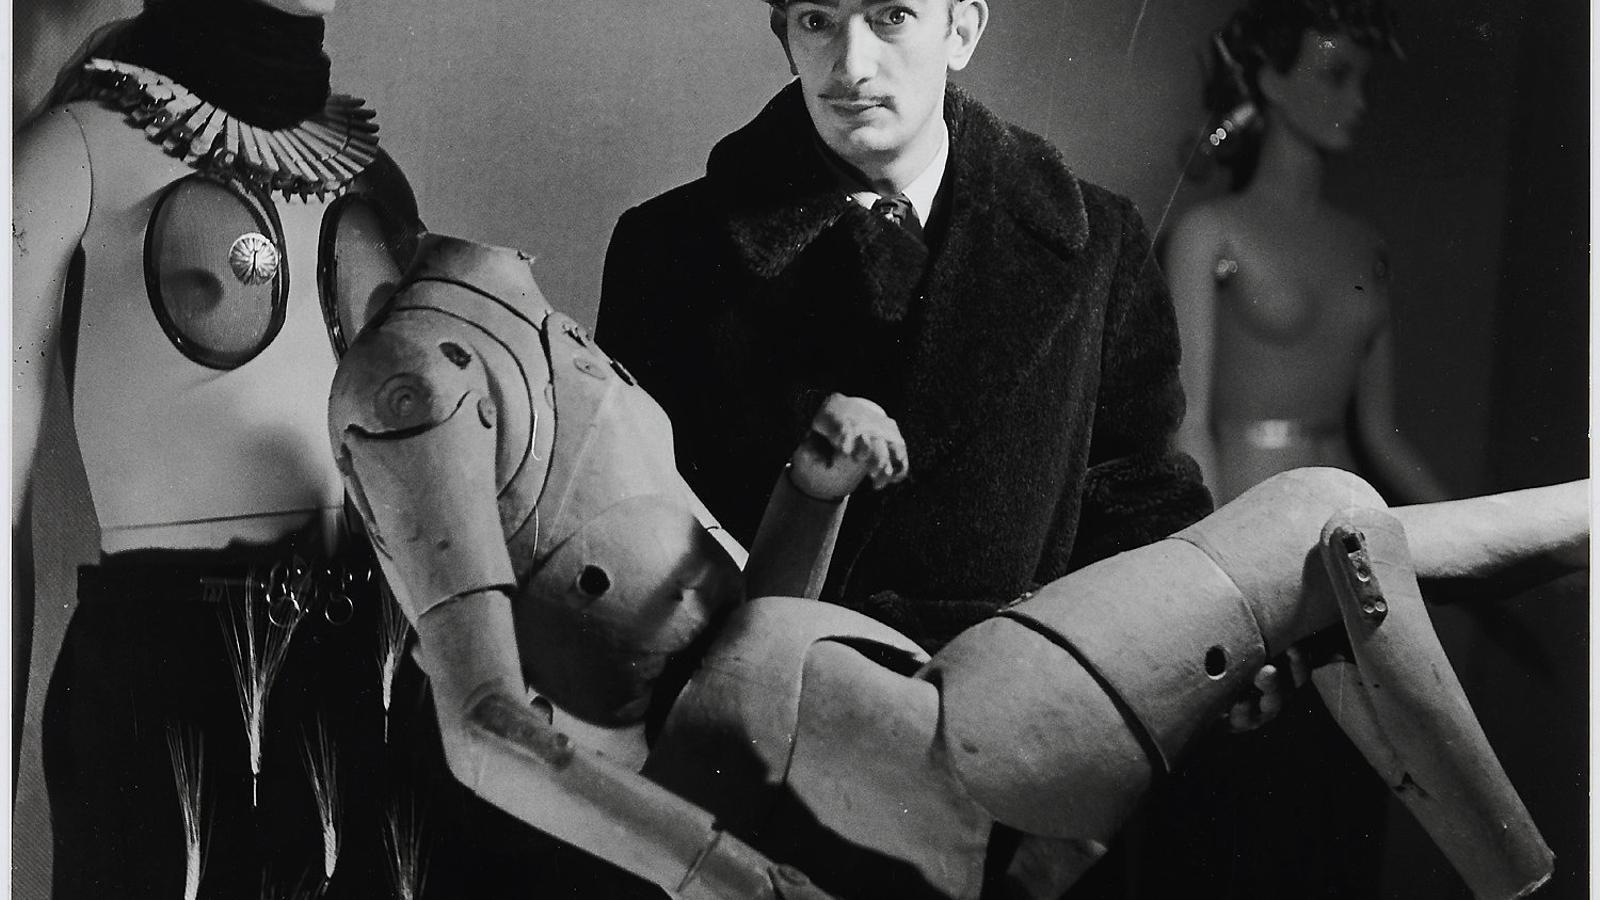 """""""Elles photographient Dali"""" - Dali et son mannequin a l'Exposition Internationale du Surrealisme (París, 1938). DENISE BELLON"""